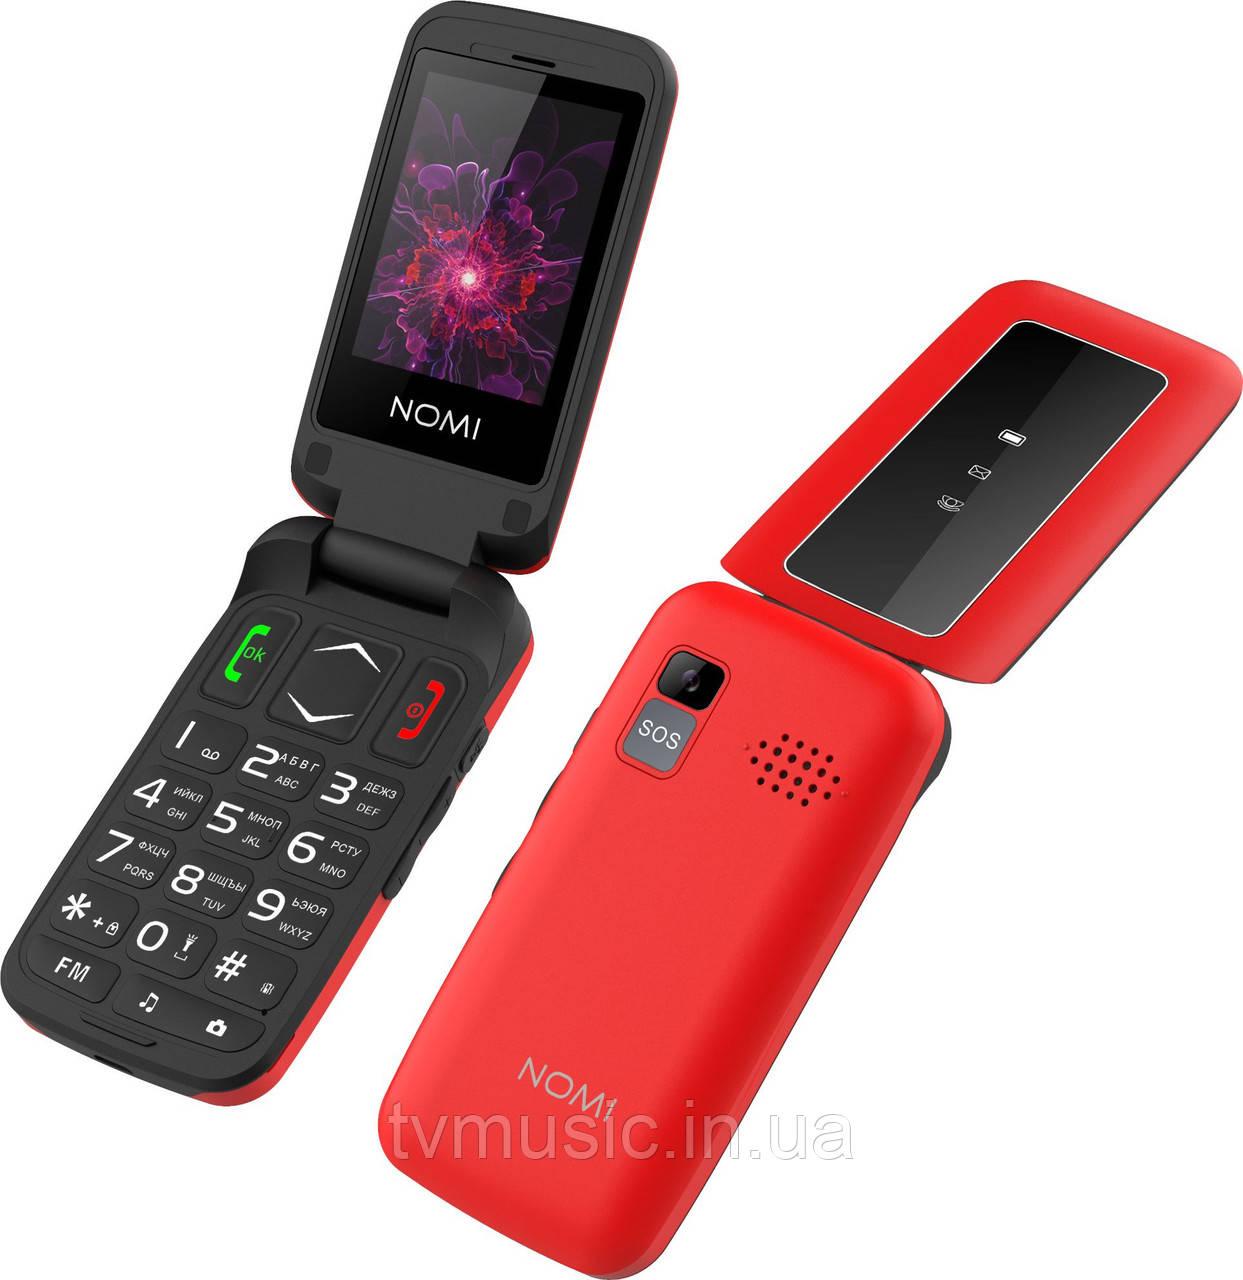 Мобильный телефон Nomi i2400 Red